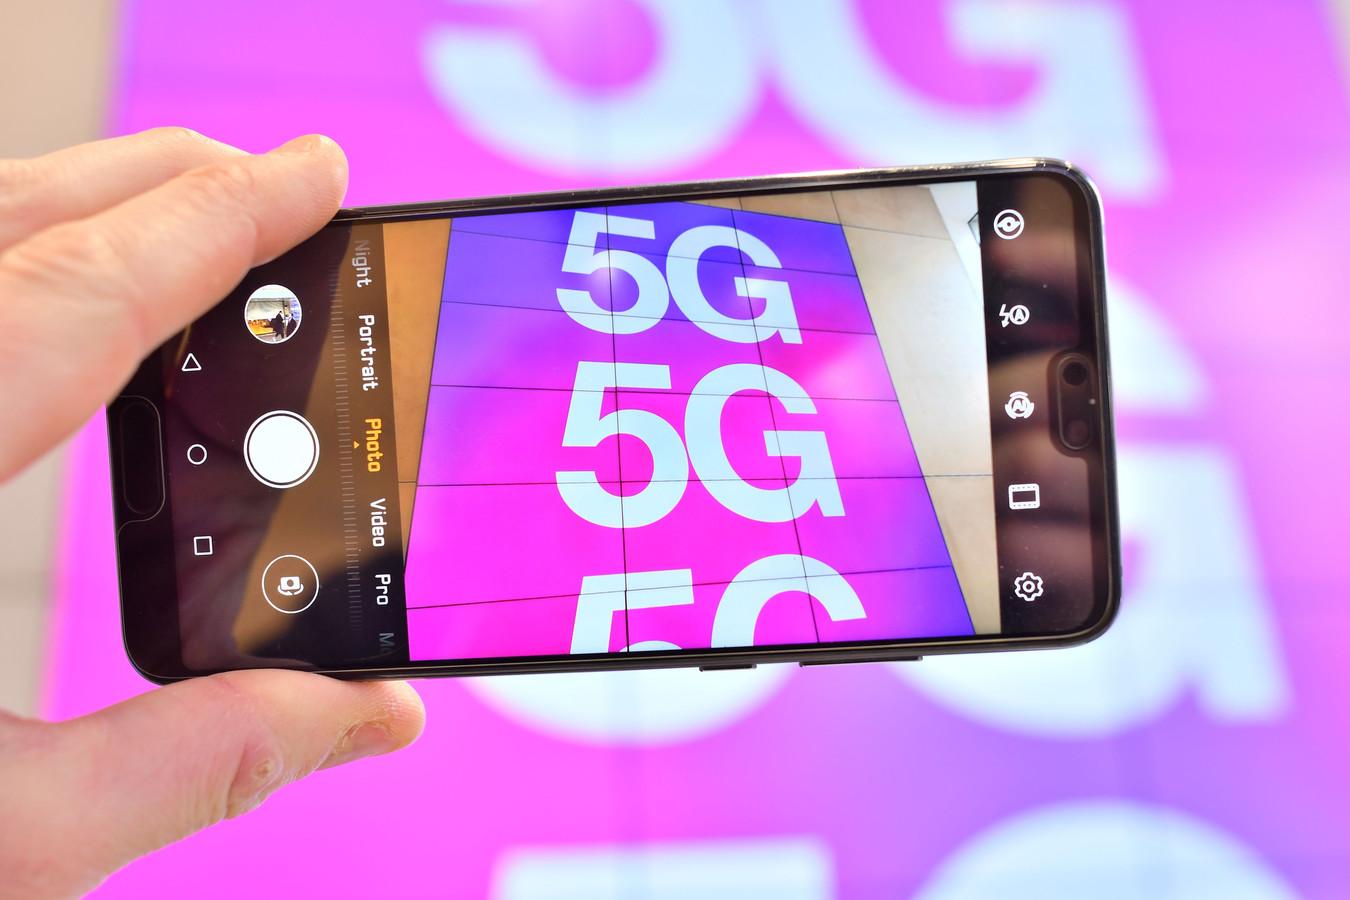 De komst van 5G gaat grote implicaties hebben, stelt Angeline van Dijk, directeur-hoofdinspecteur van Agentschap Telecom